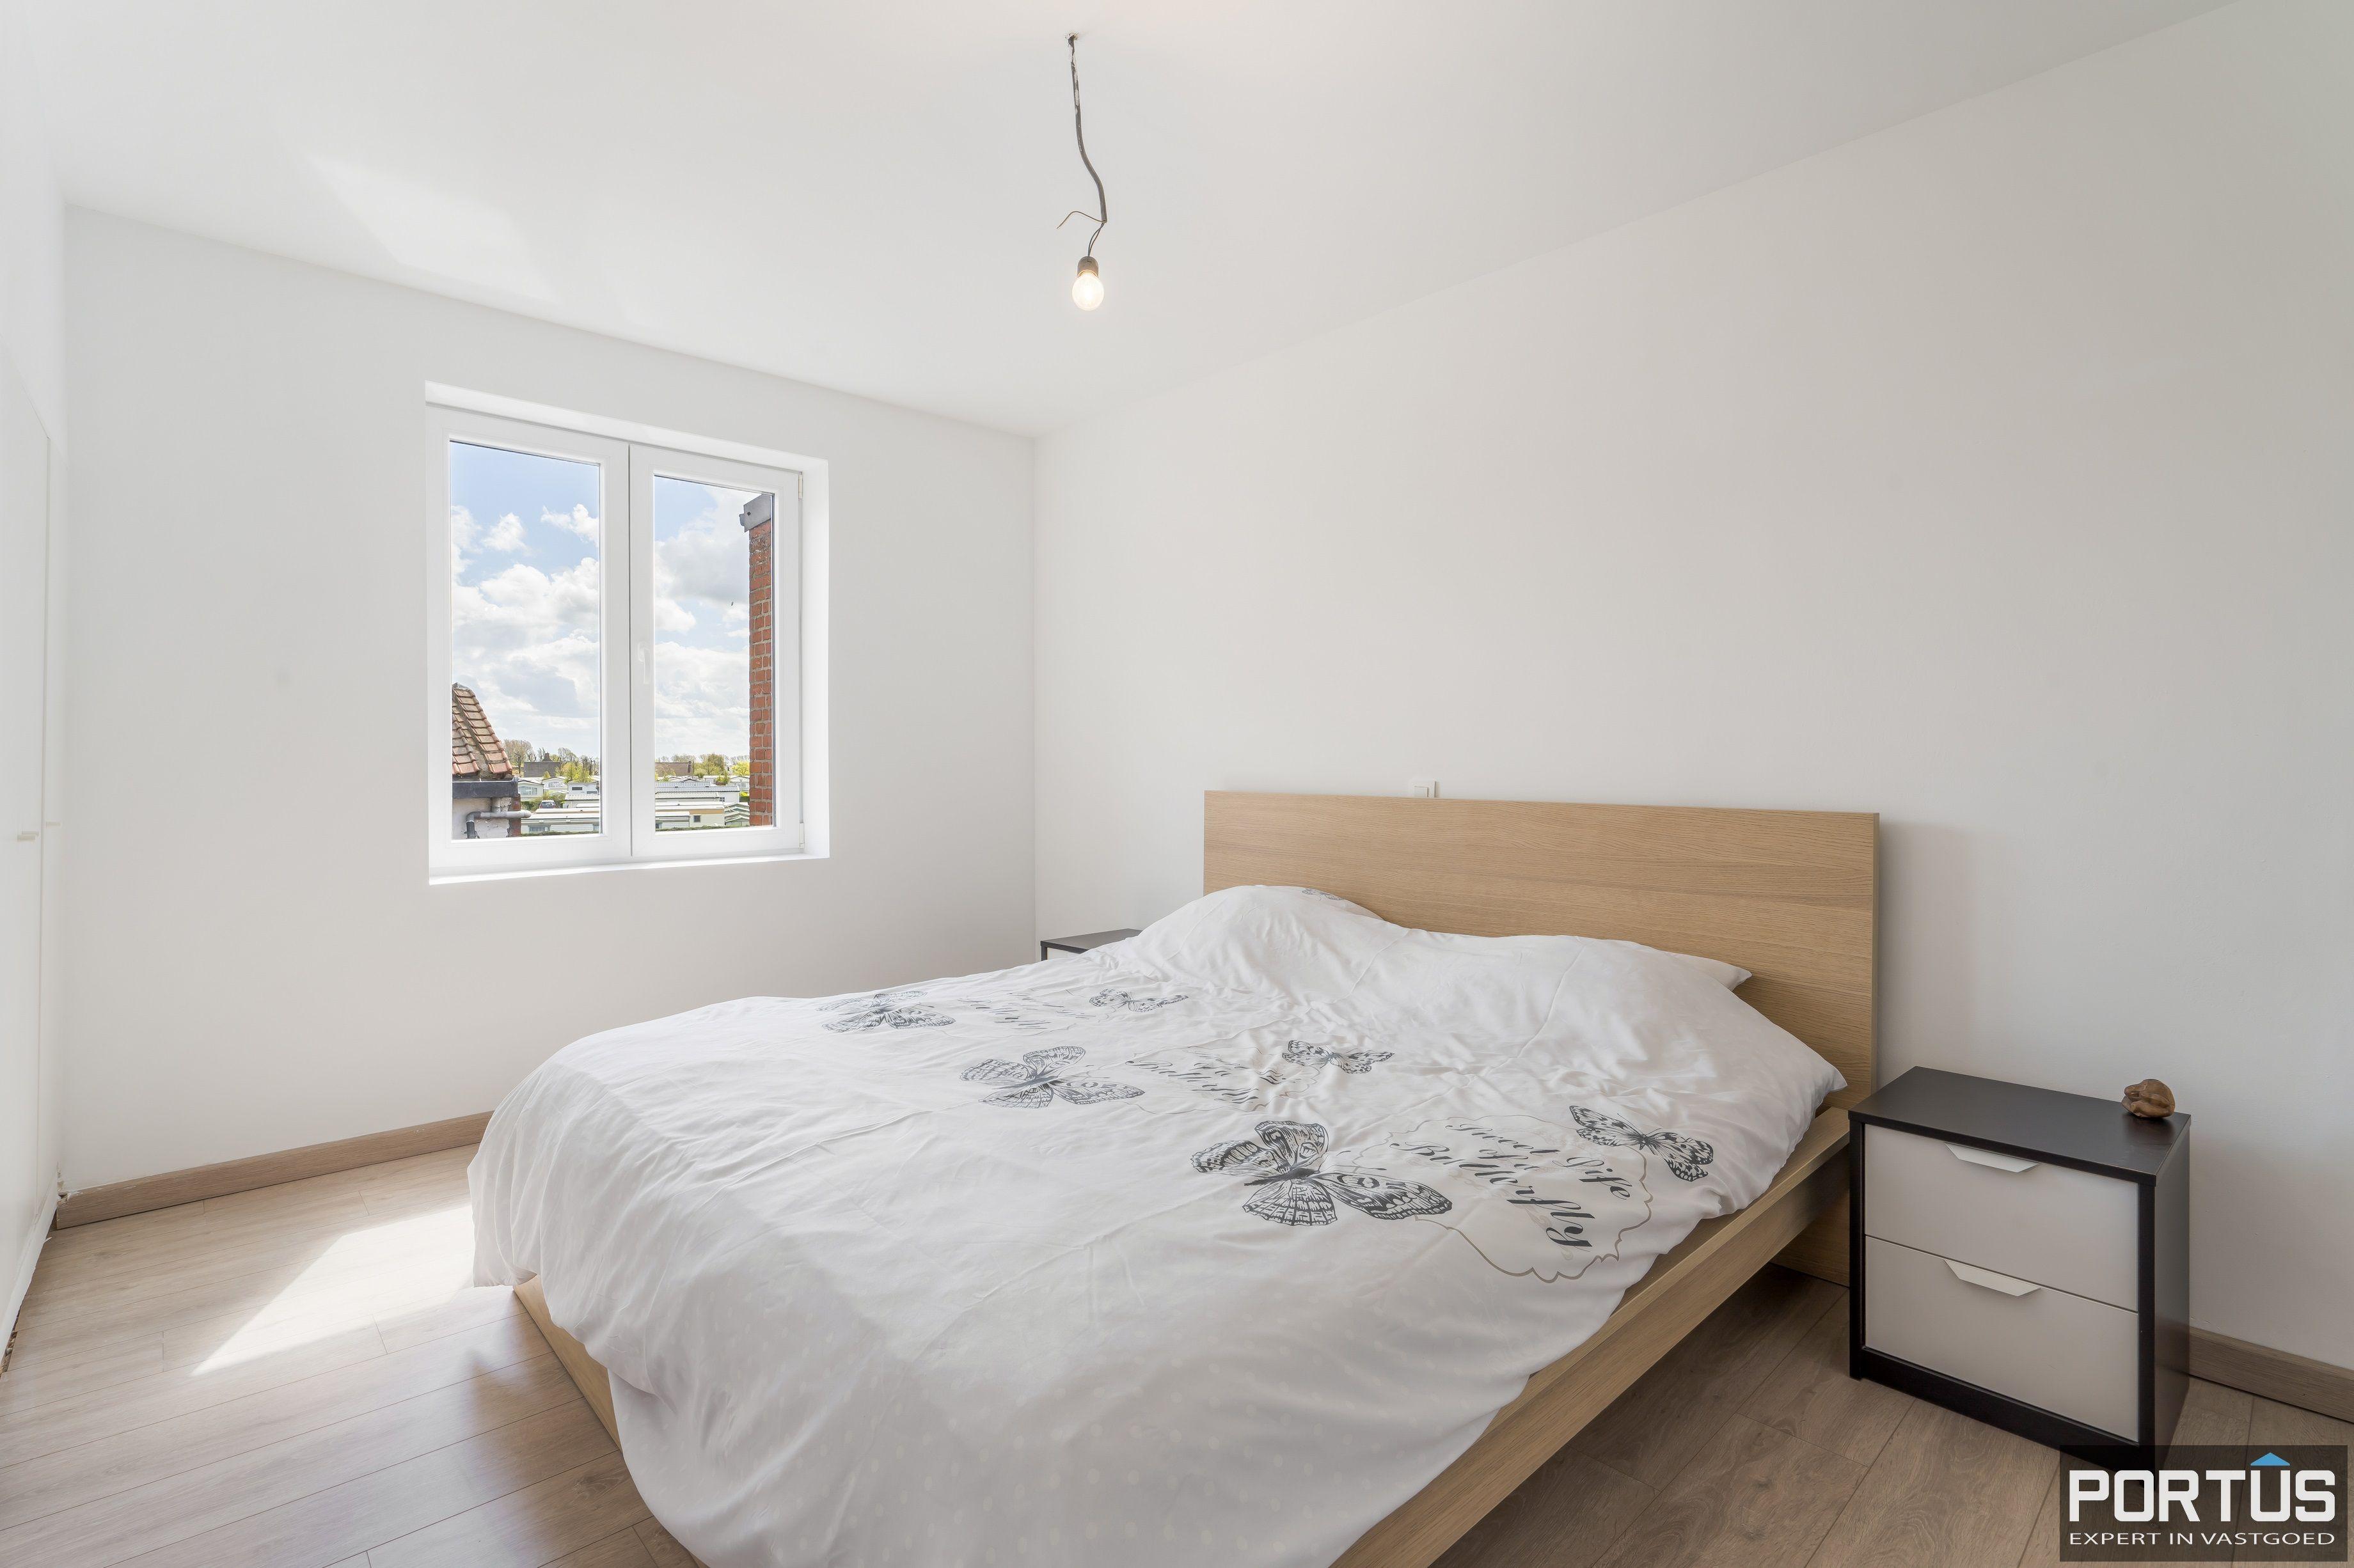 Appartement met 3 slaapkamers te koop te Westende - 12871